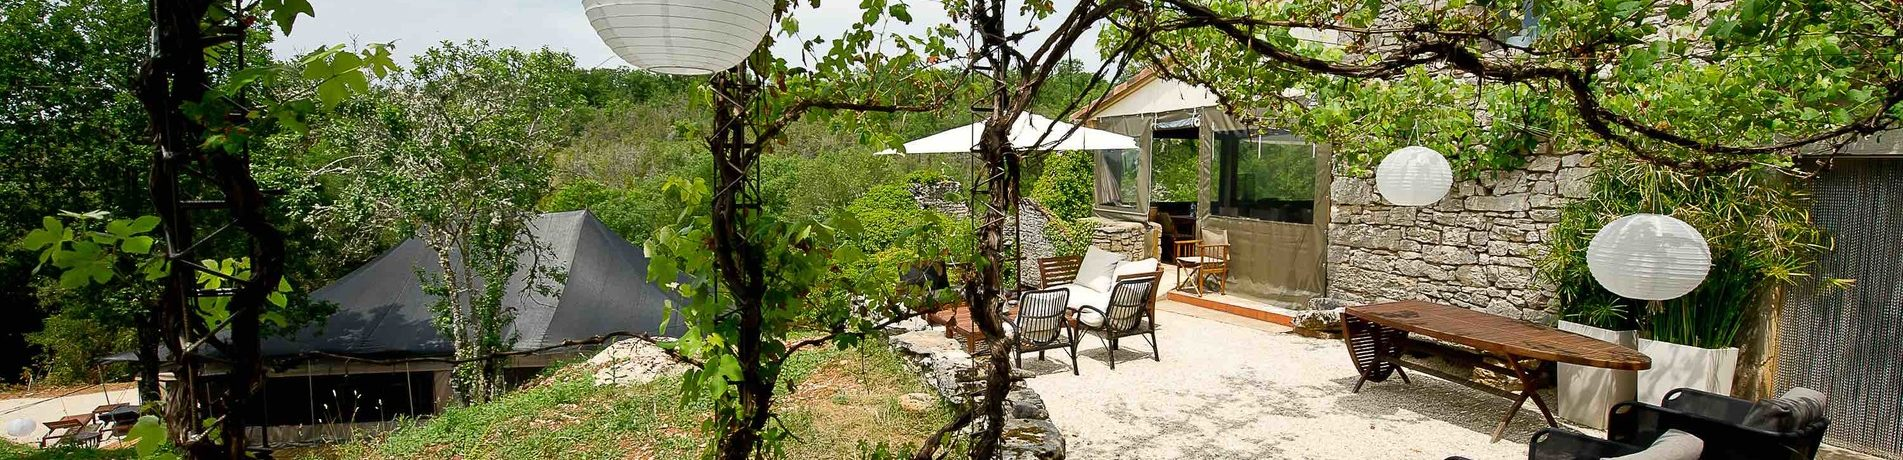 Aux Lodges du Mas de Nadal is een charme camping in het departement Lot gelegen in een groene omgeving midden in de Causses.